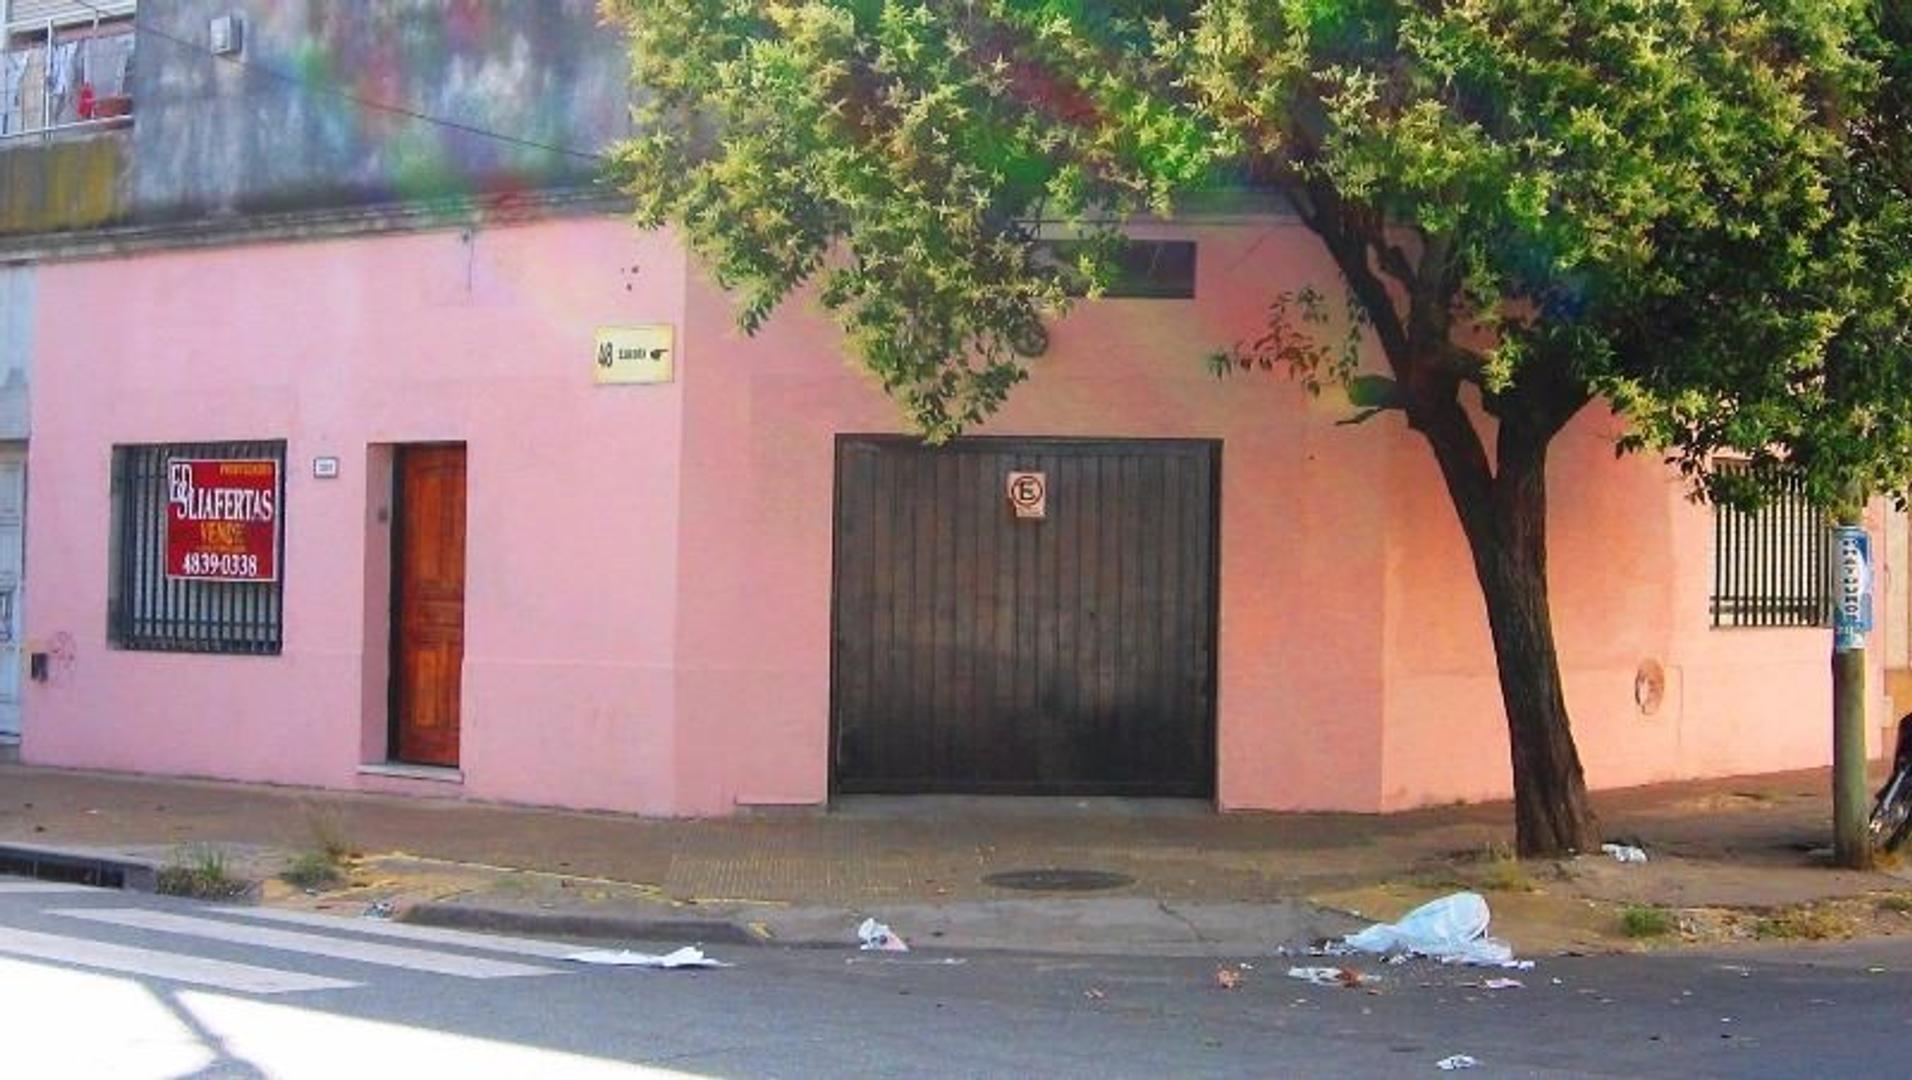 CASA TIPO PH DE 3 AMBIENTES Y GARAGE  Y PORTON LEVADIZO  (PH 223)